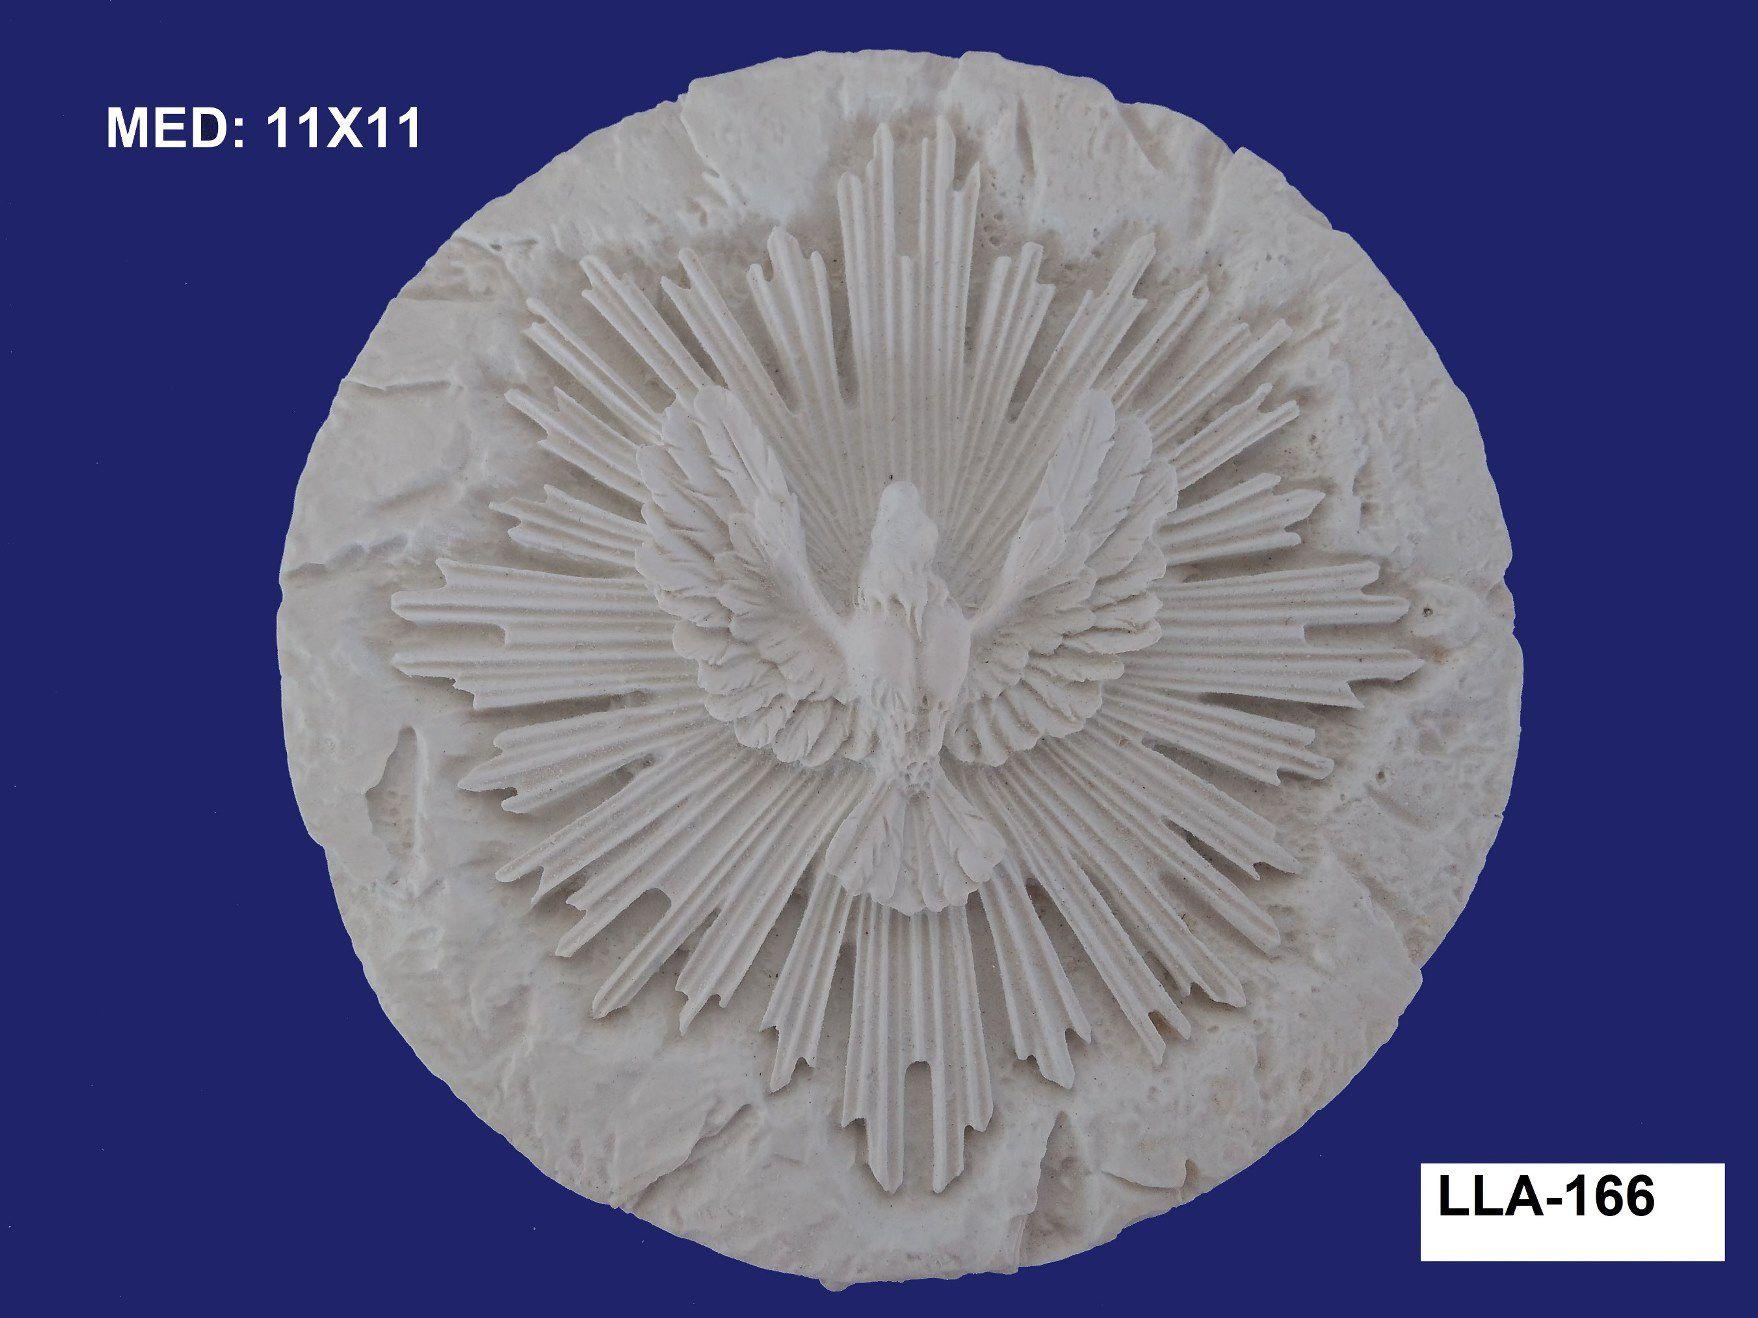 LLA-166 APLIQUE DIVINO C/ RAIO 11X11CM